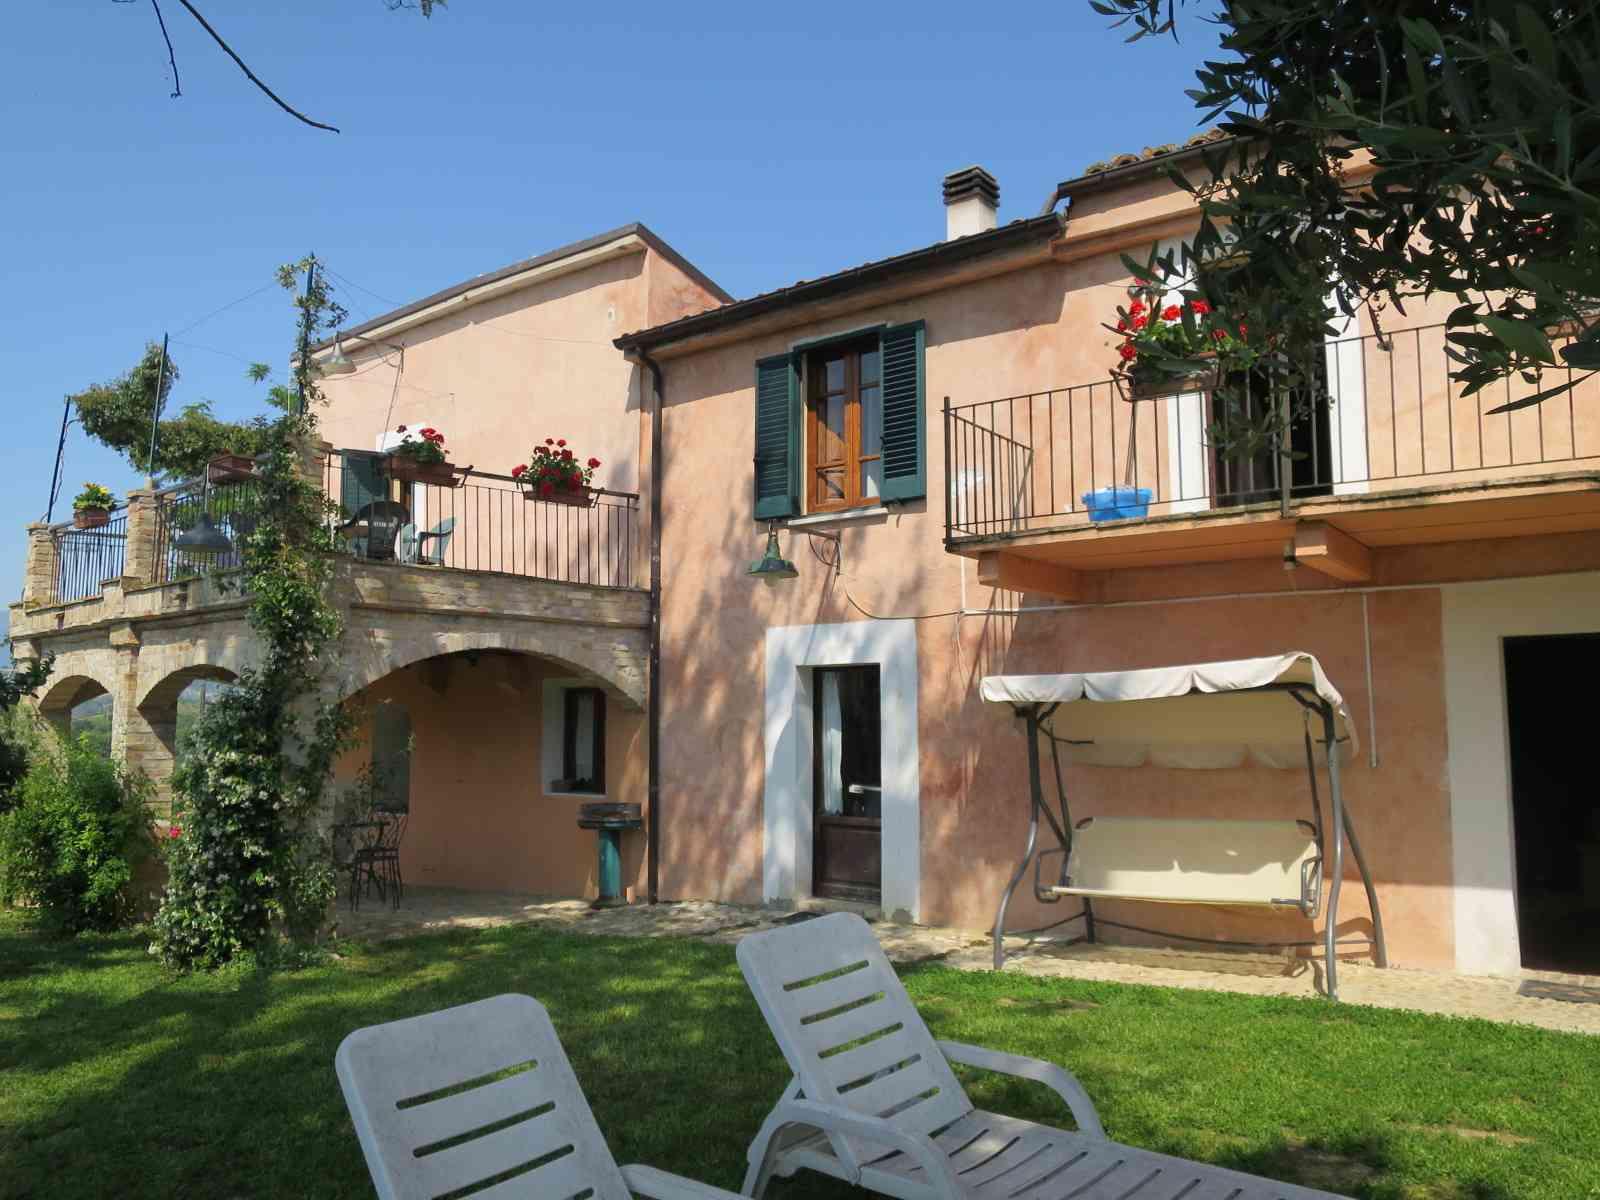 Villa Casa Ricordi - Picciano - EUR 295.724